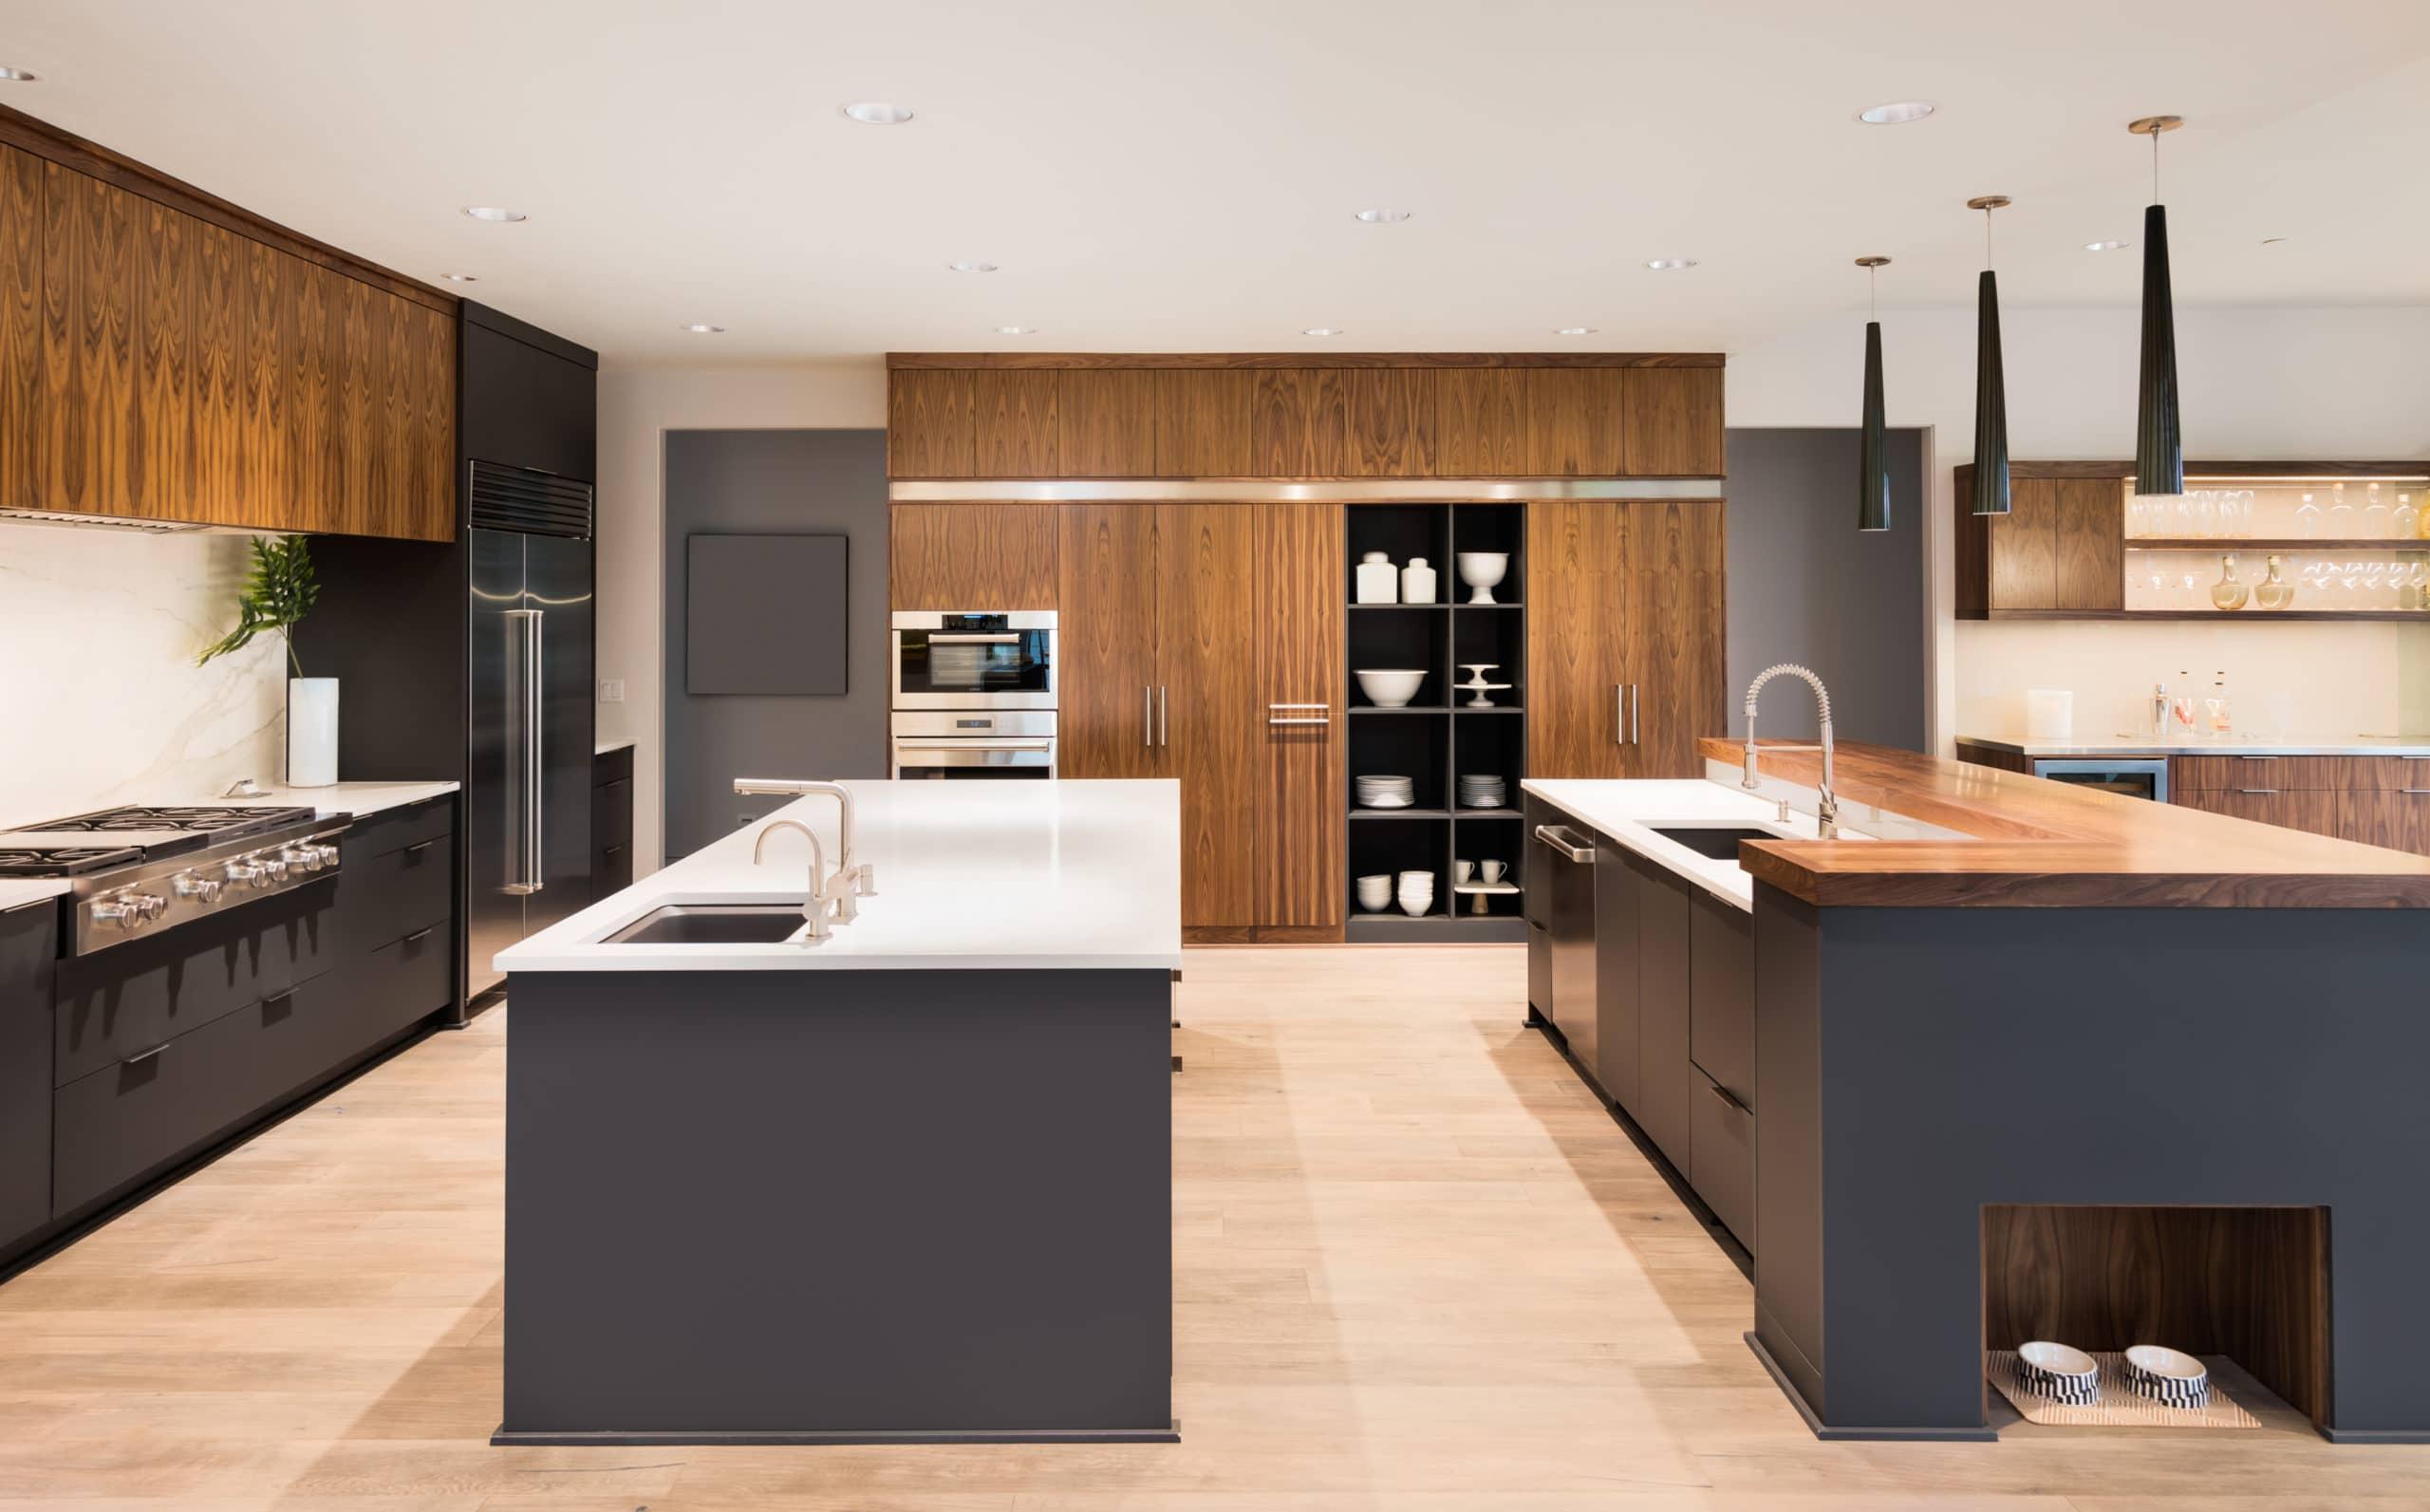 מטבחים מעץ חברות מטבחים המעצבות ומרכיבות מטבחים לכל כיס מקצועיים בתחום מטבחי יוקרה עם רצון לתת שירות טוב ומקצועי שיודעים לתקן בעיות בשטח באופן מהיר תוך כדי התקנת חיבור גז תיקני במטבח